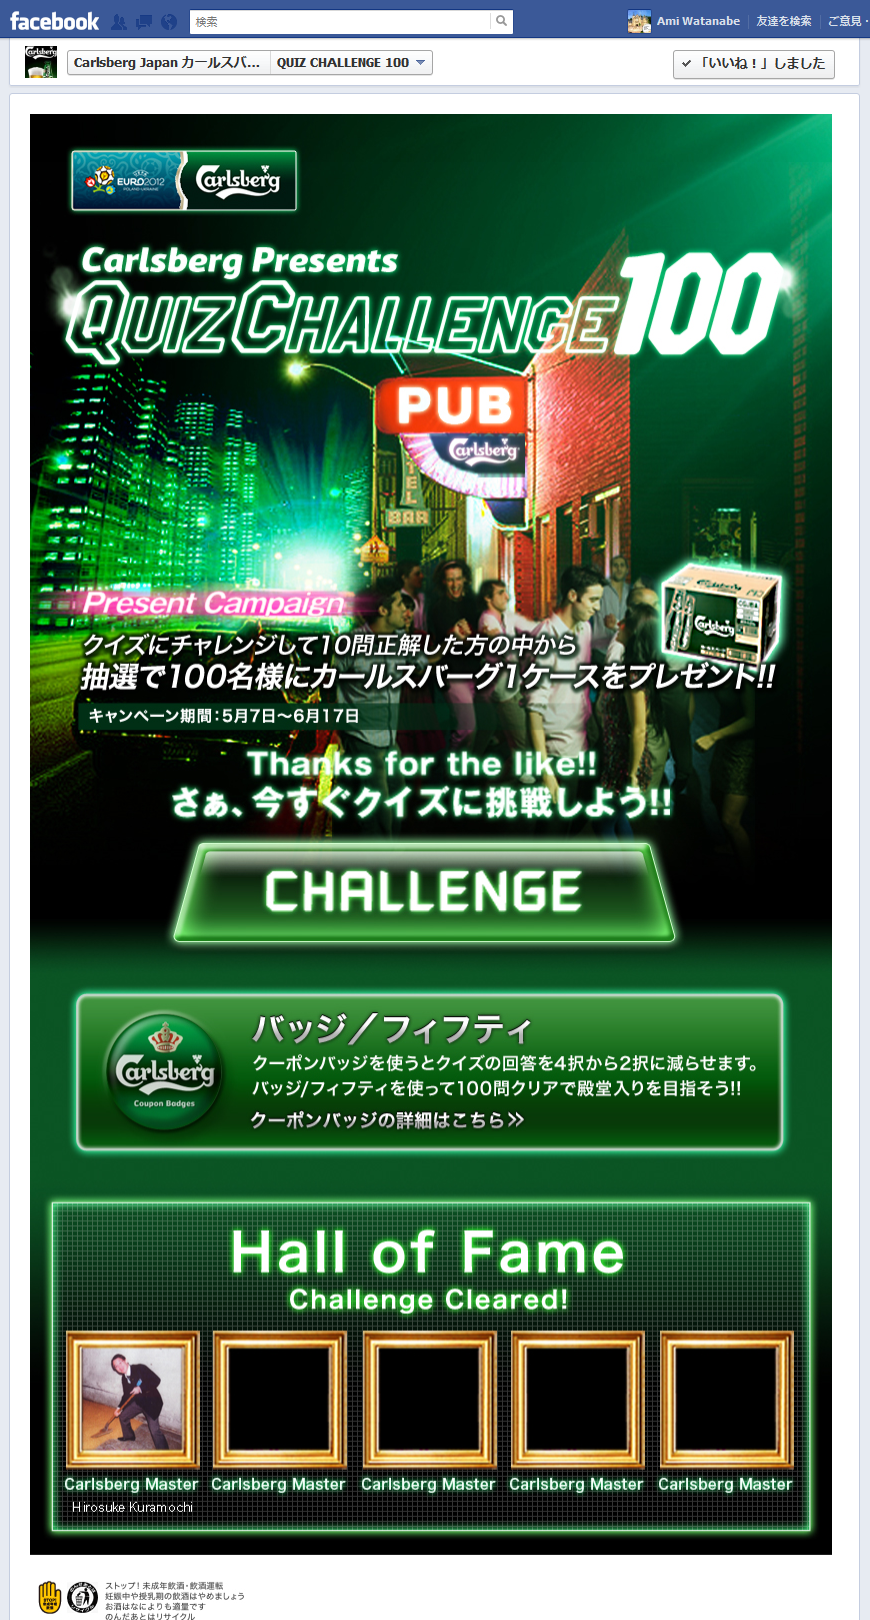 カールスバーク Facebookページ/クイズチャレンジ100